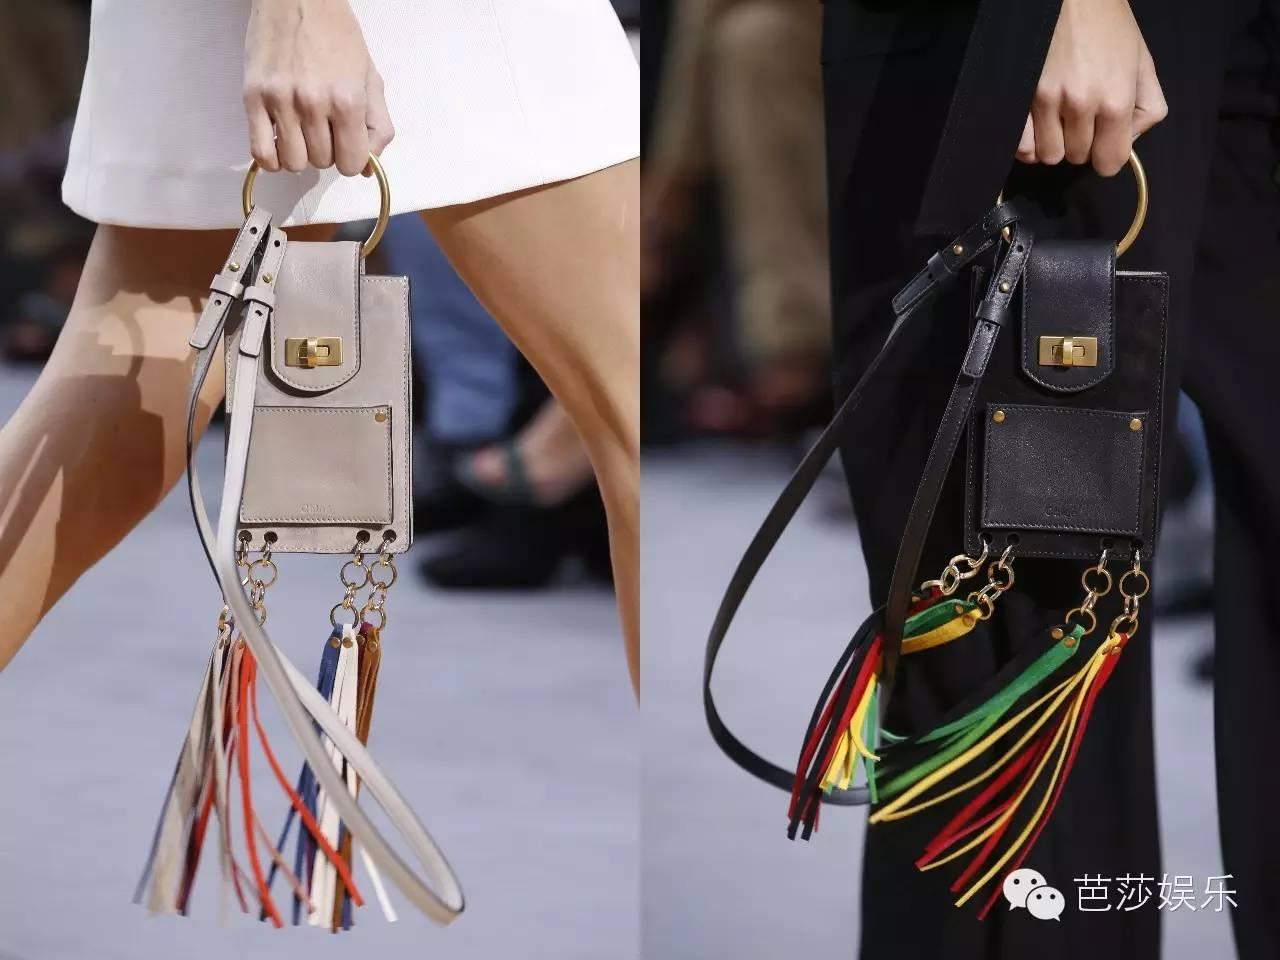 每日星范|刘诗诗都说女人的终身事业是减肥,但你不知道跟着她变瘦的还有包!